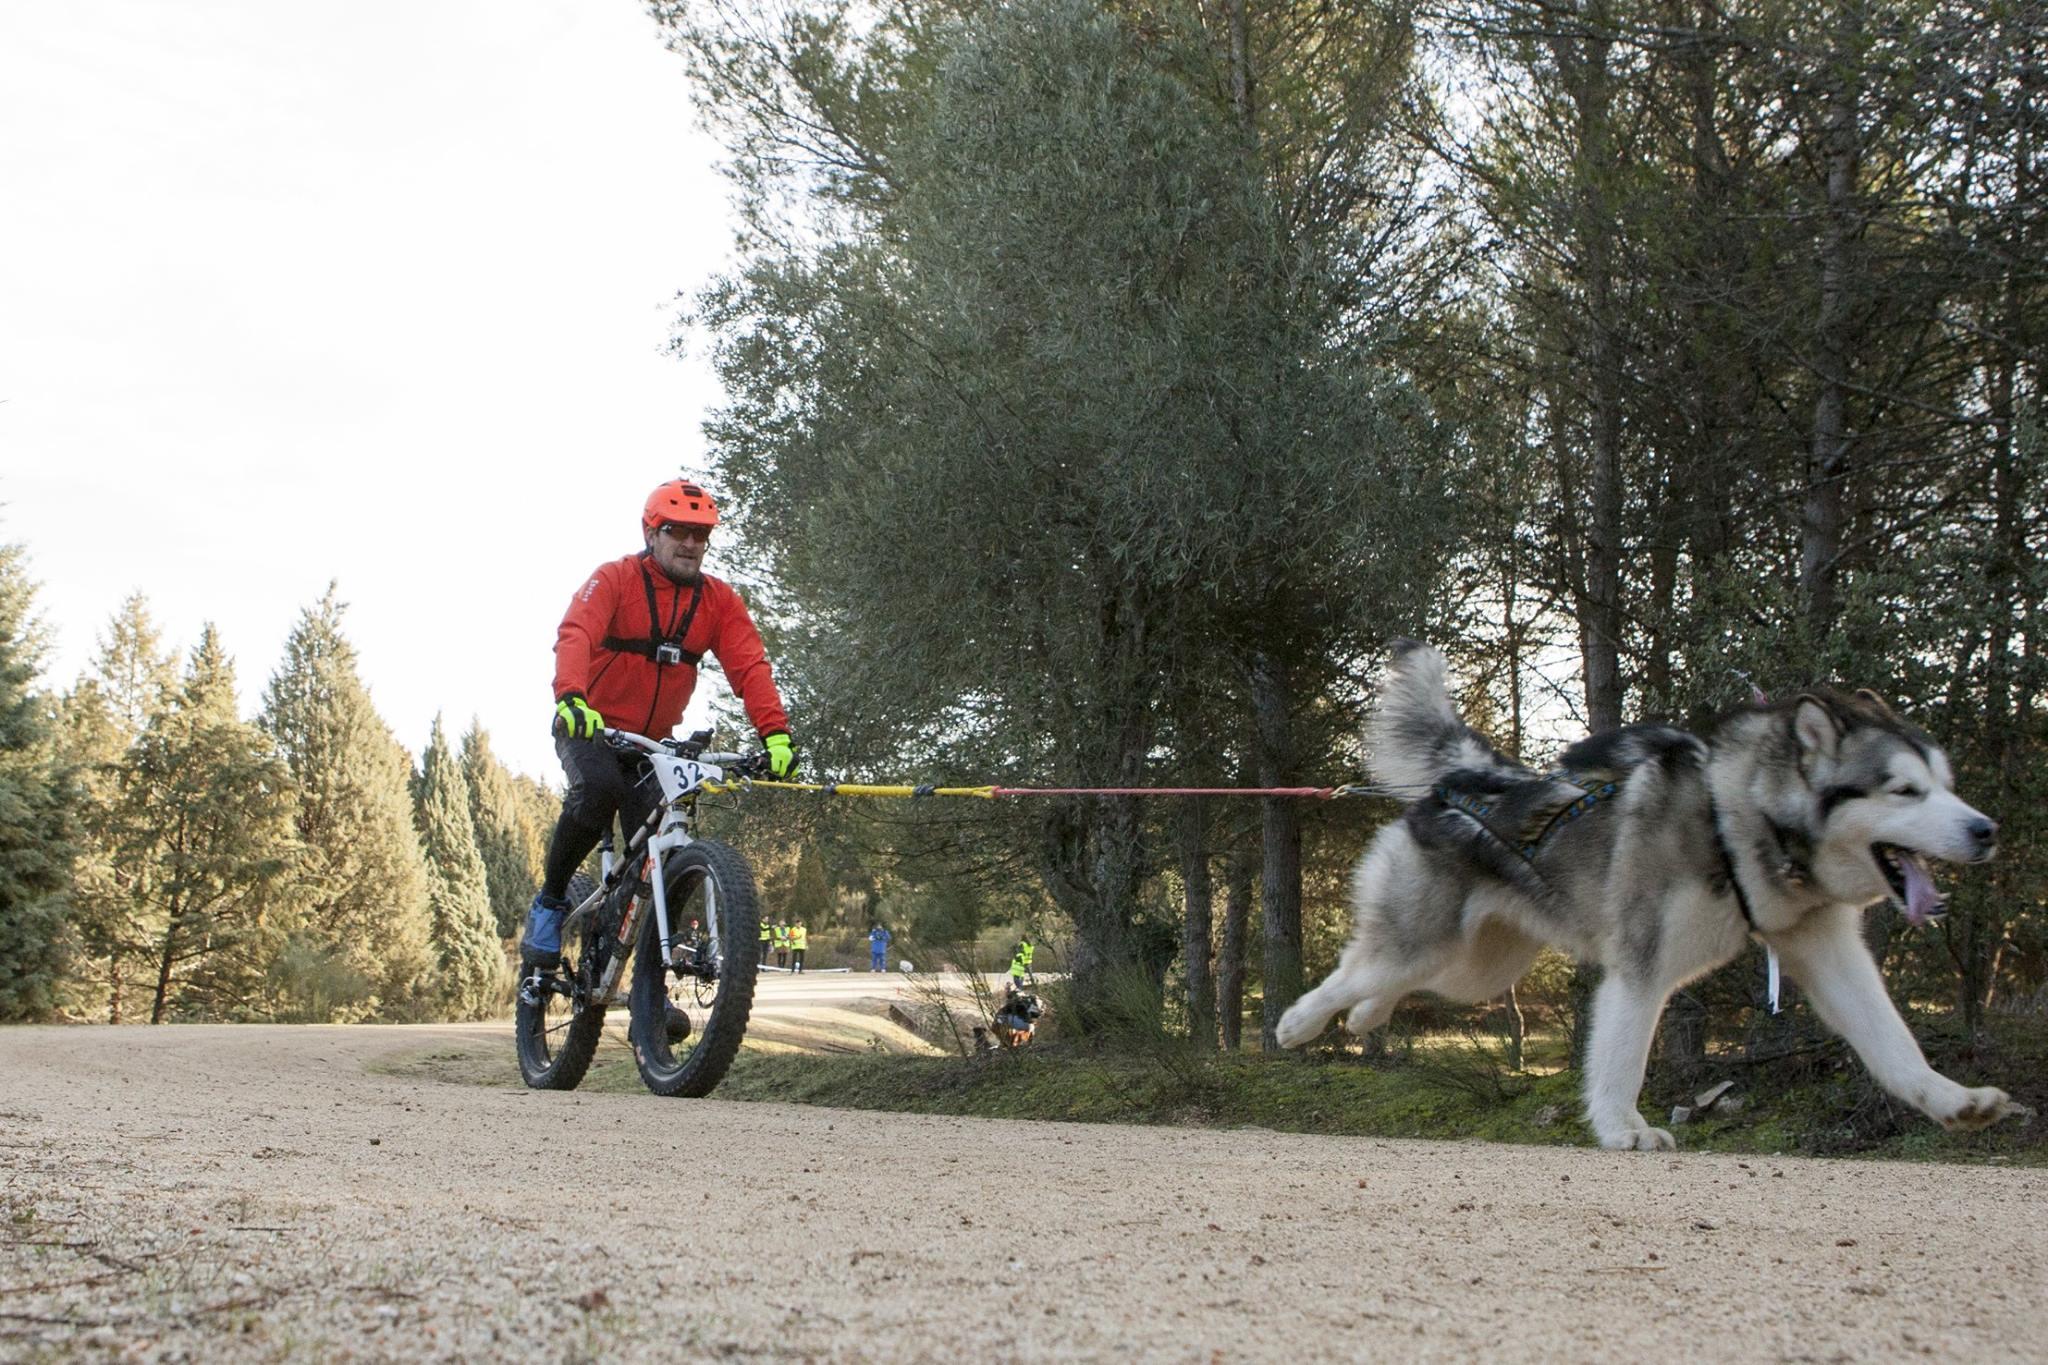 Foto: Emilio Cuenca. Javier Busón con su Malamute participando en una prueba de Sprint